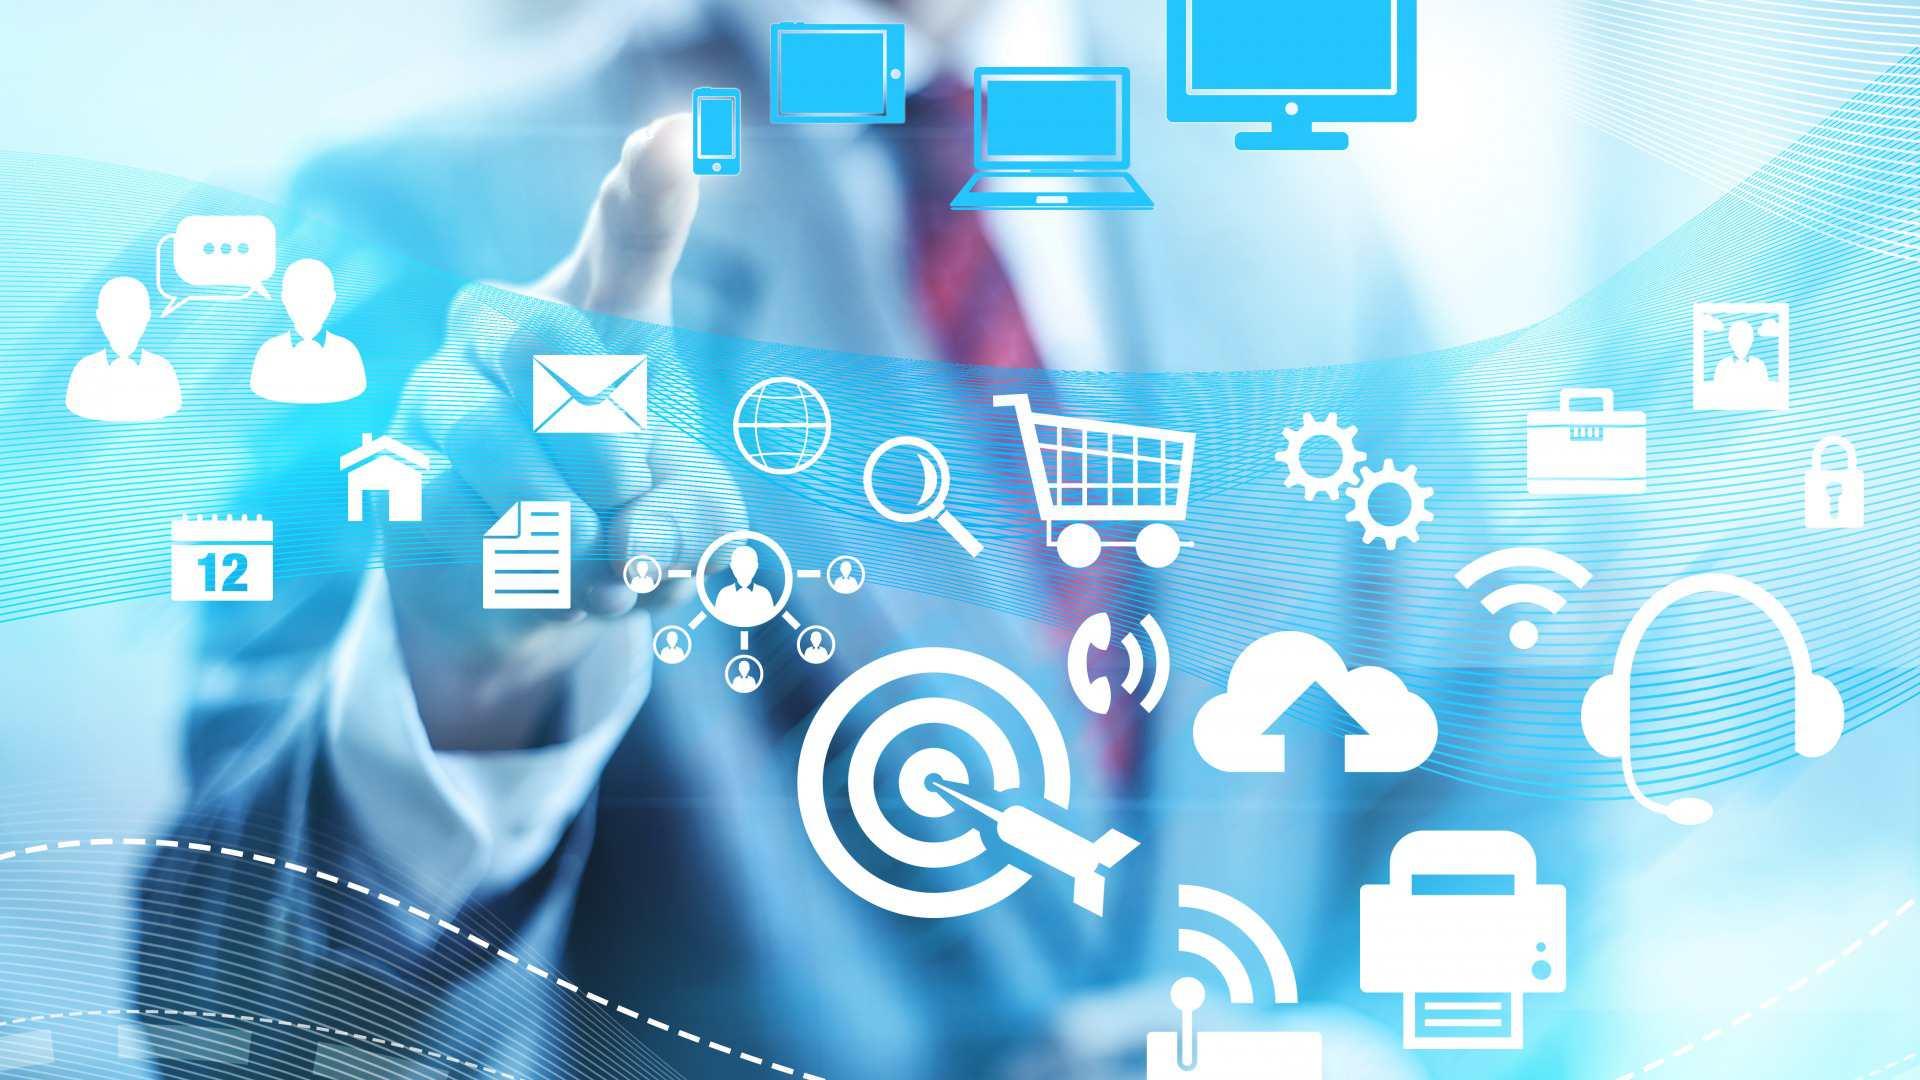 Вебинар: Digital-маркетинг сегодня. Пошаговый план внедрения для вашего бизнеса.